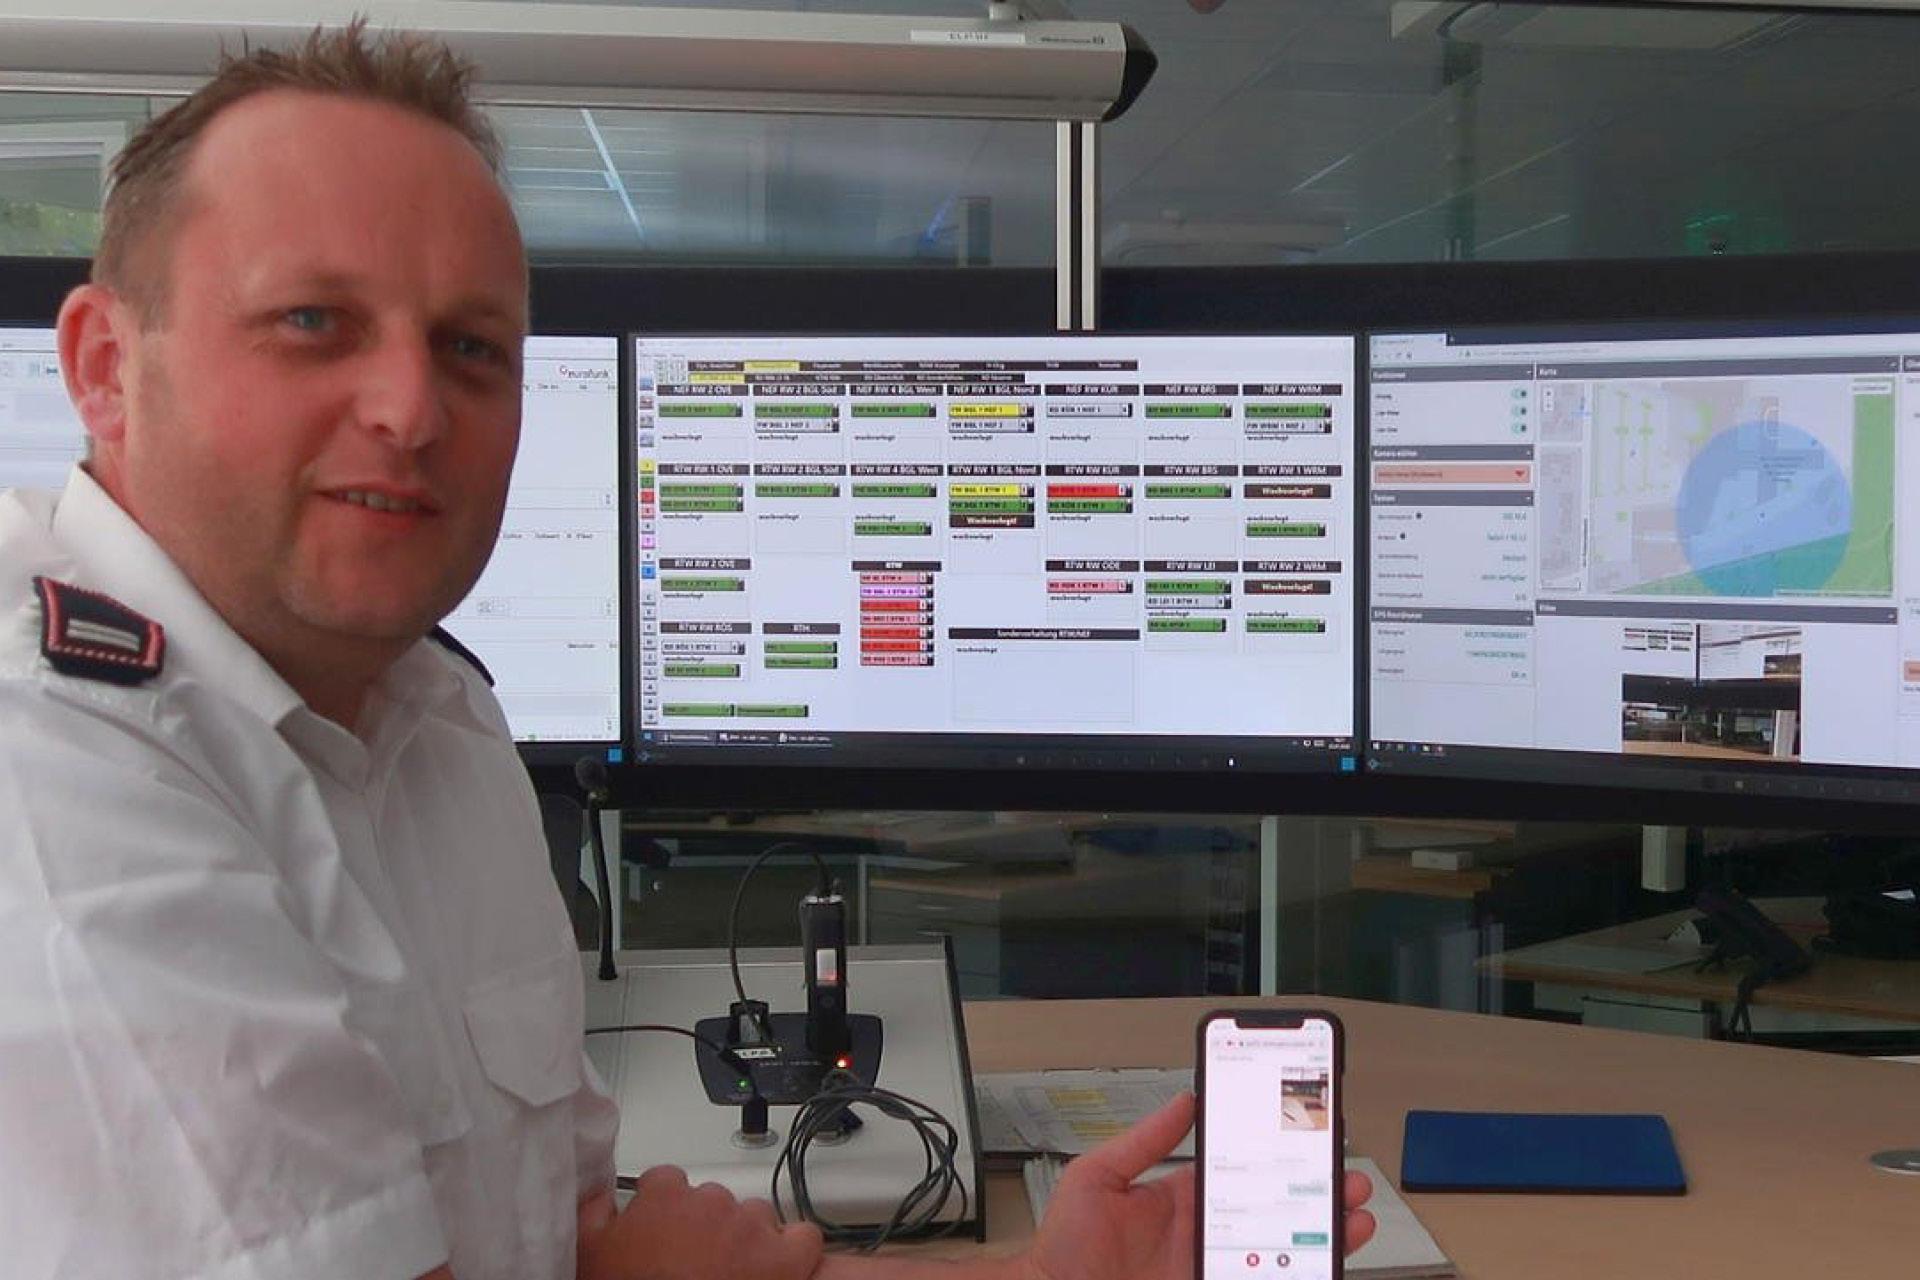 Werner Eichholz, stellvertretender Leiter der Leitstelle des Rheinisch-Bergischen Kreises, zeigt die Funktionen der neuen Software »Emergency Eye« auf den Einsatzmonitoren.